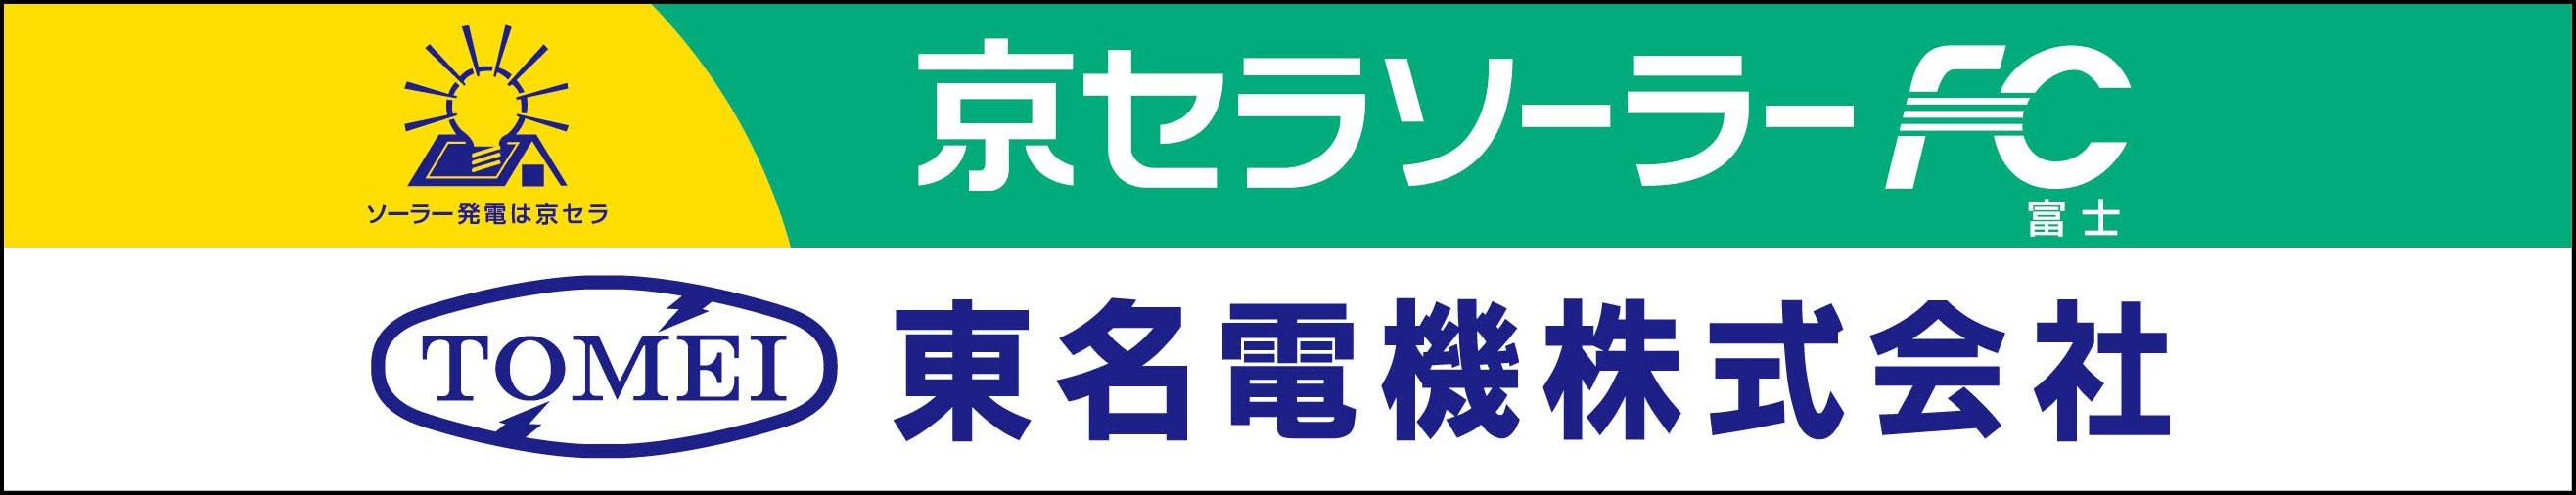 東名電機株式会社